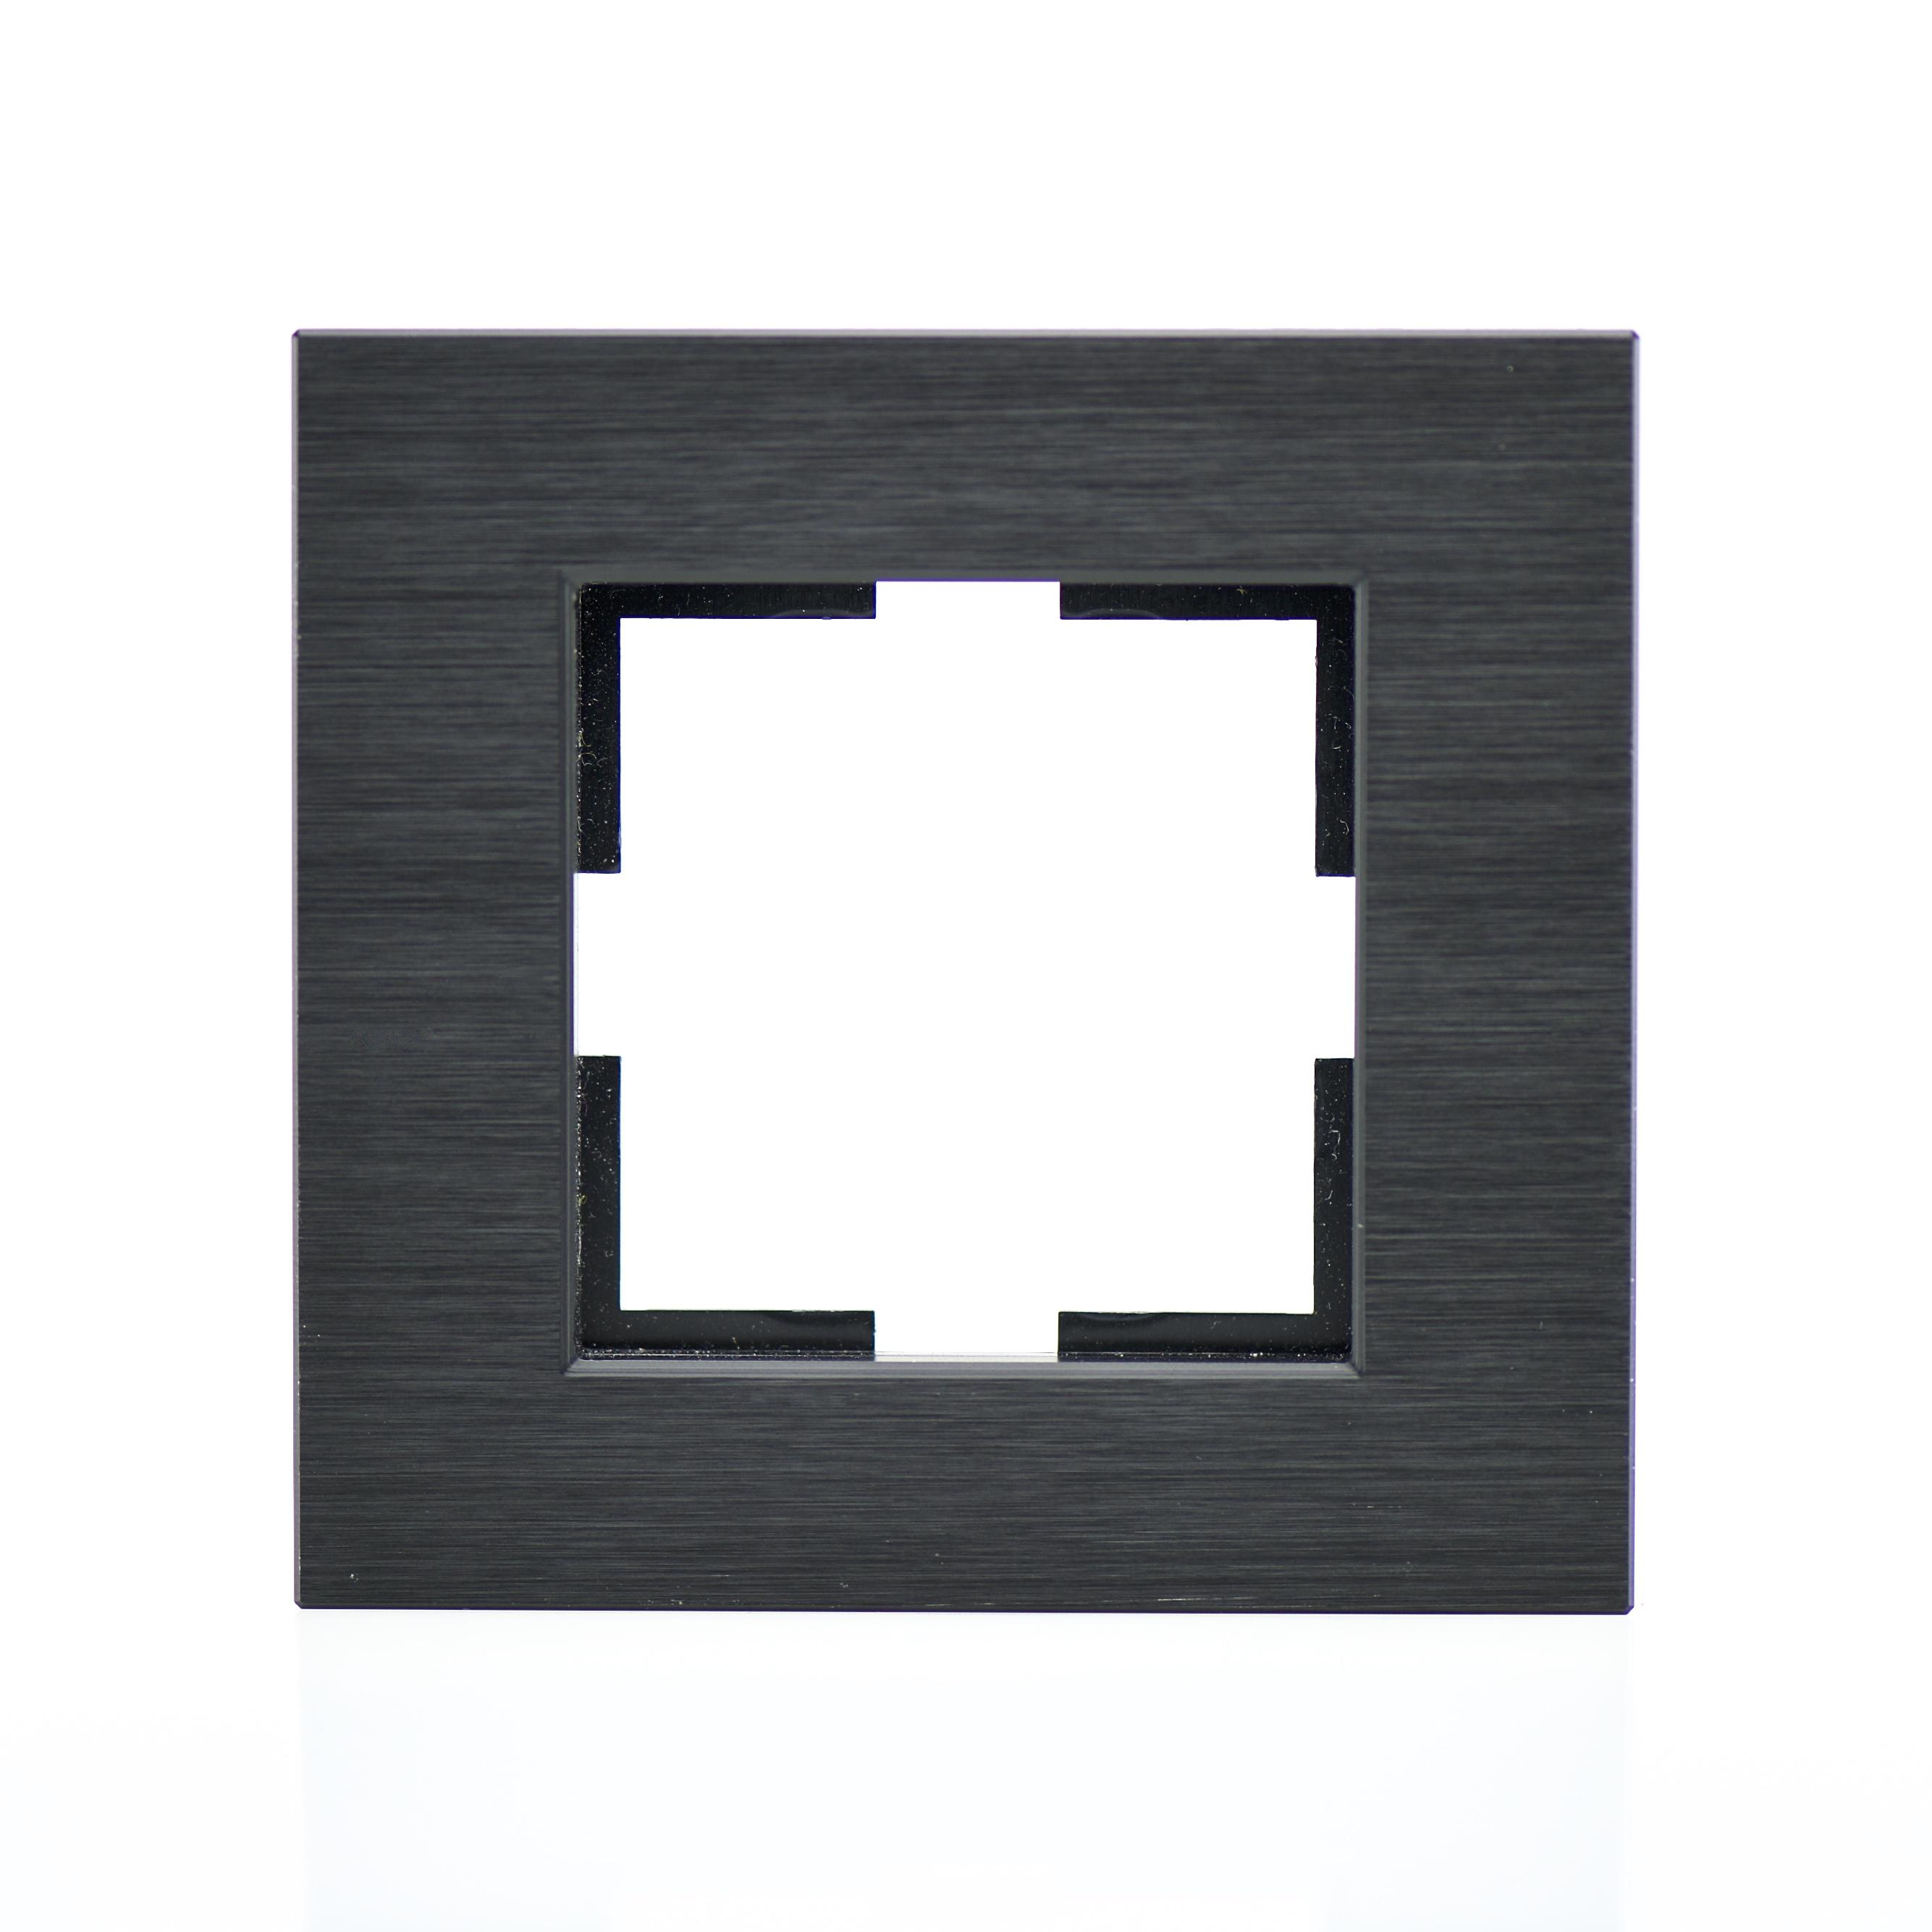 Plaque Metal Noir : plaque de finition m tal noir 1 poste 84x87x10mm distock mat riel lectrique et solutions d ~ Teatrodelosmanantiales.com Idées de Décoration